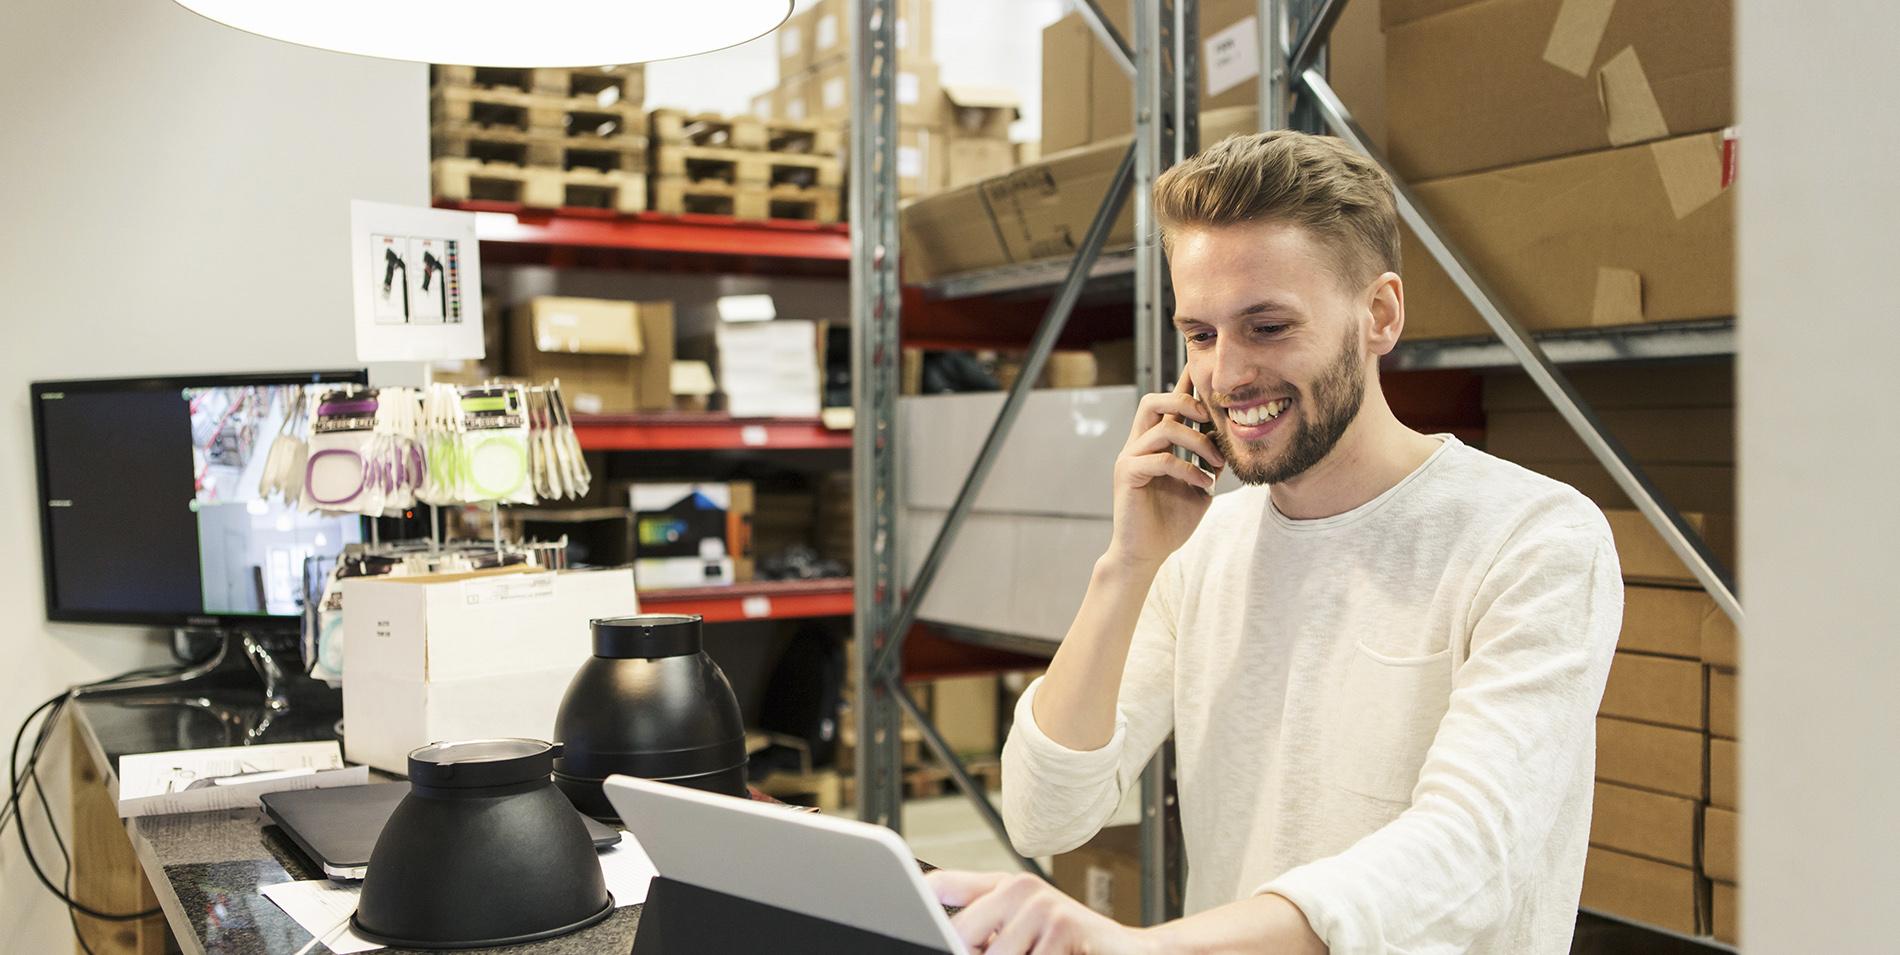 Mand arbejder ved computeren og taler i telefon på webshoppelager